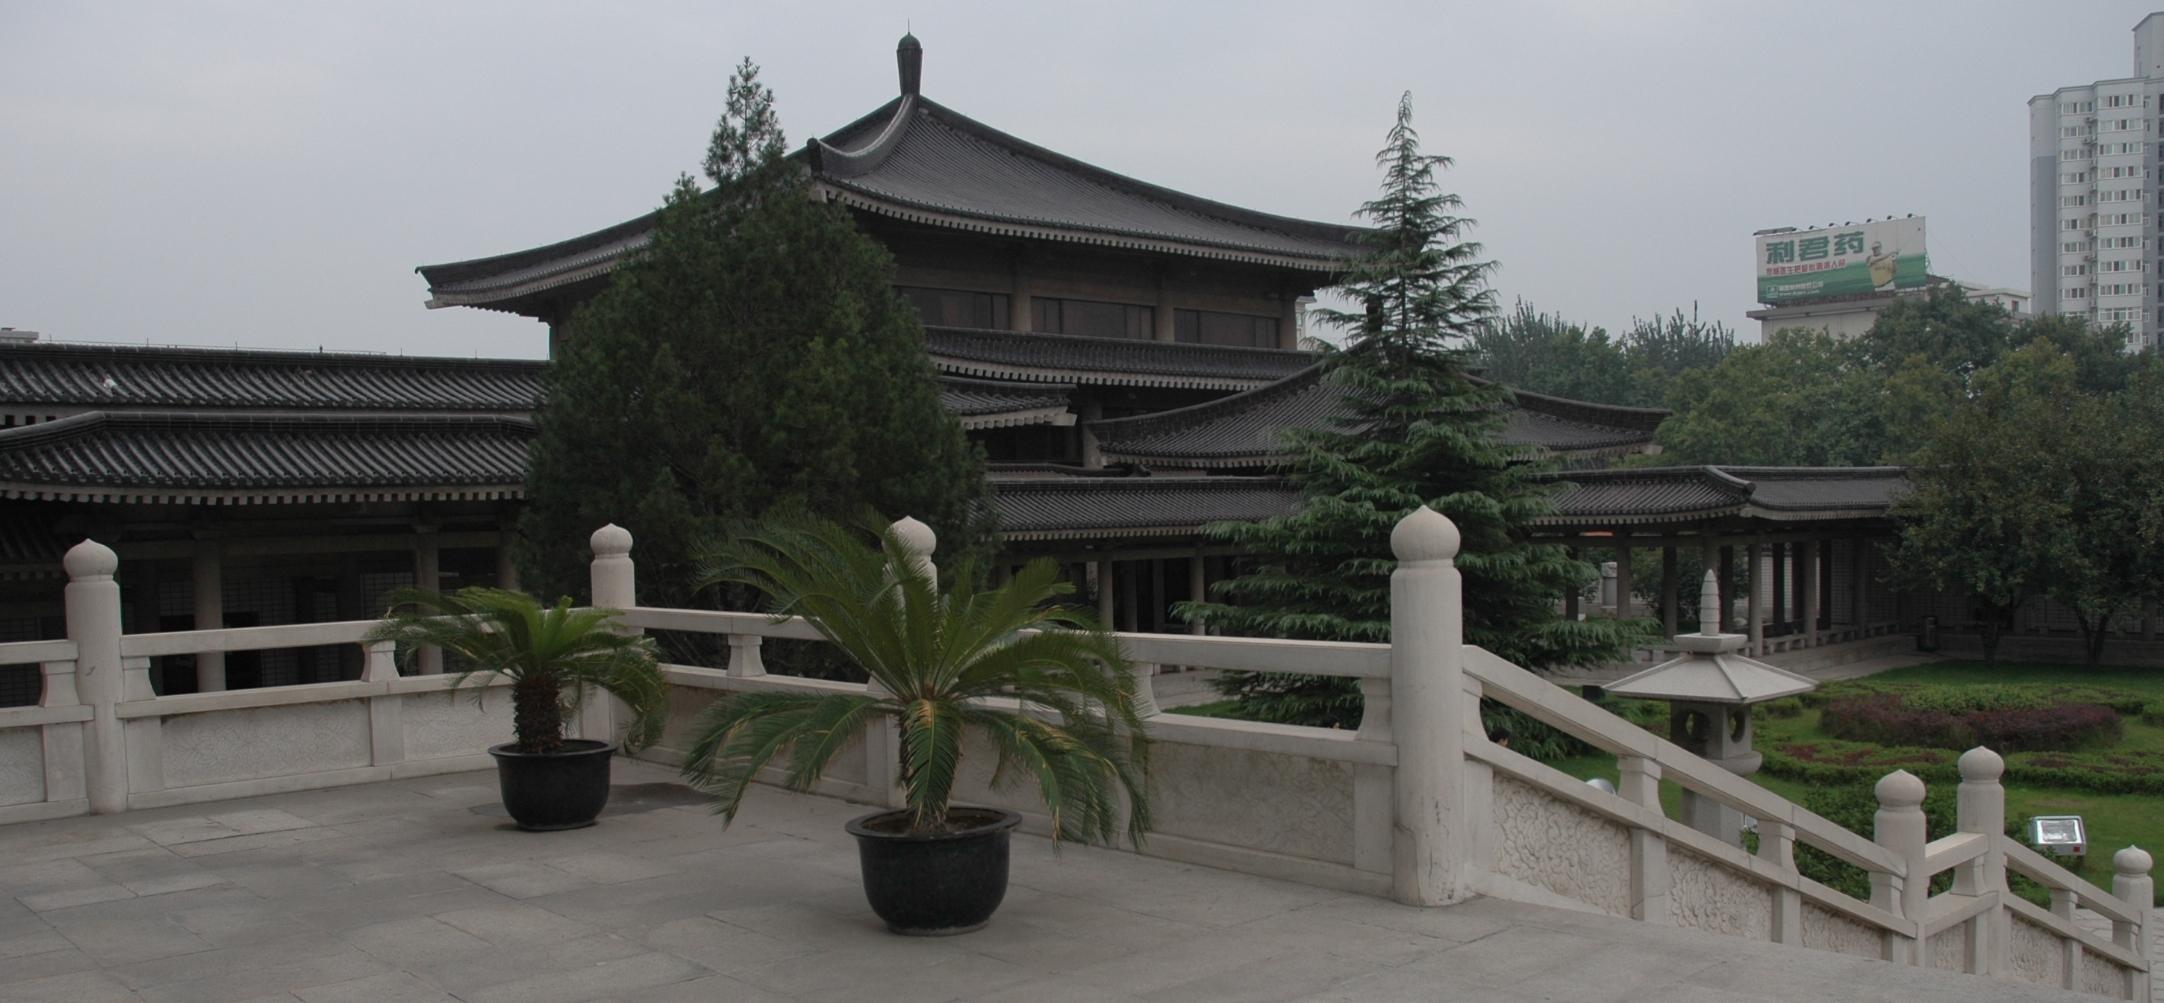 Chinese garden Xian.jpg